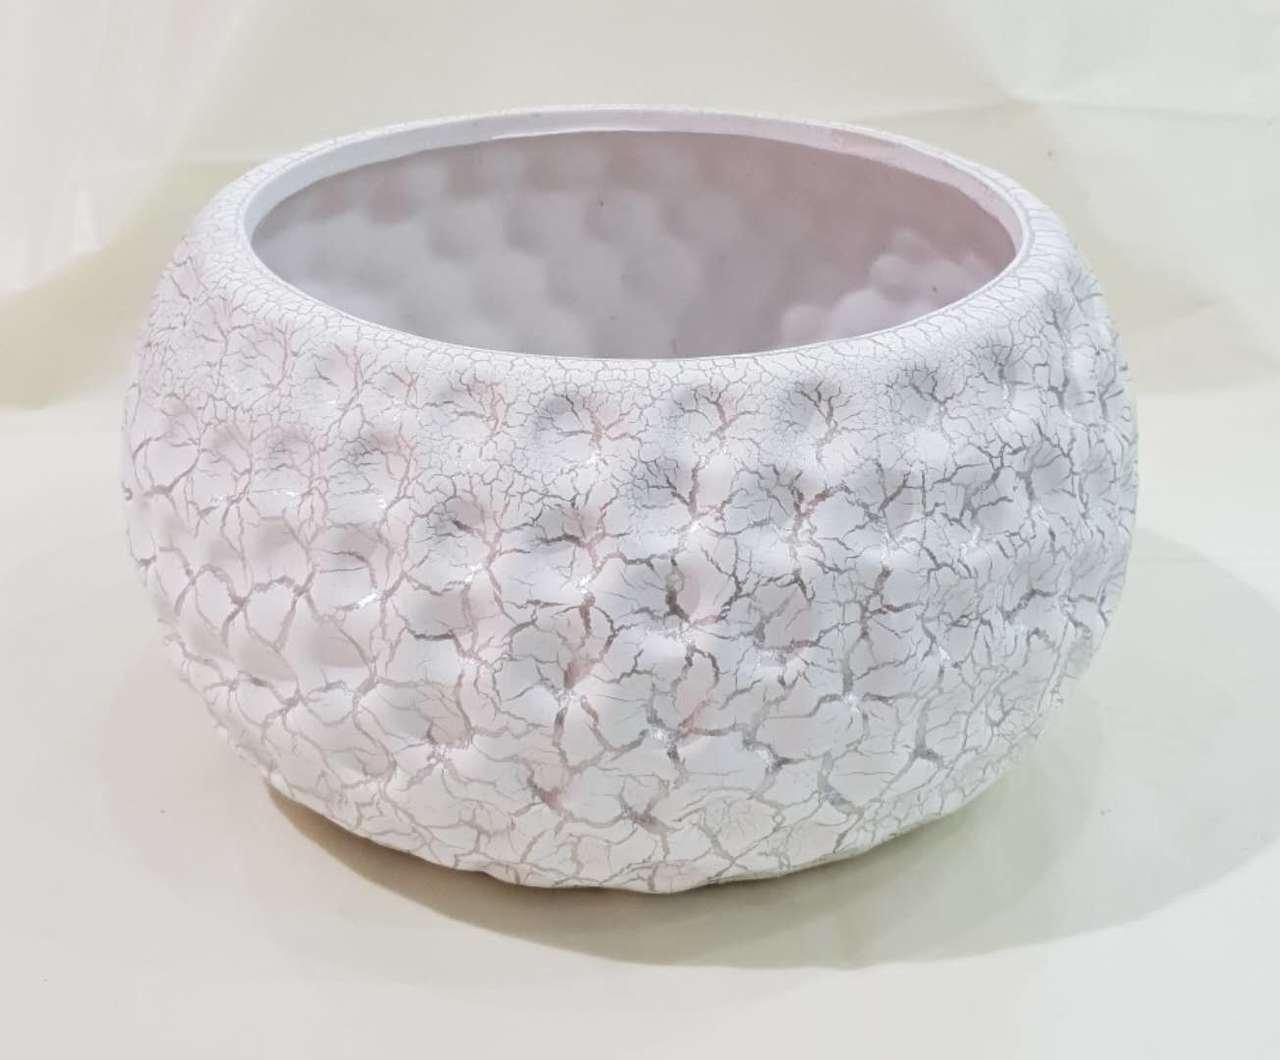 陶瓷花盘 (白色带金色花纹, 直径=21cm, 高度=11cm)